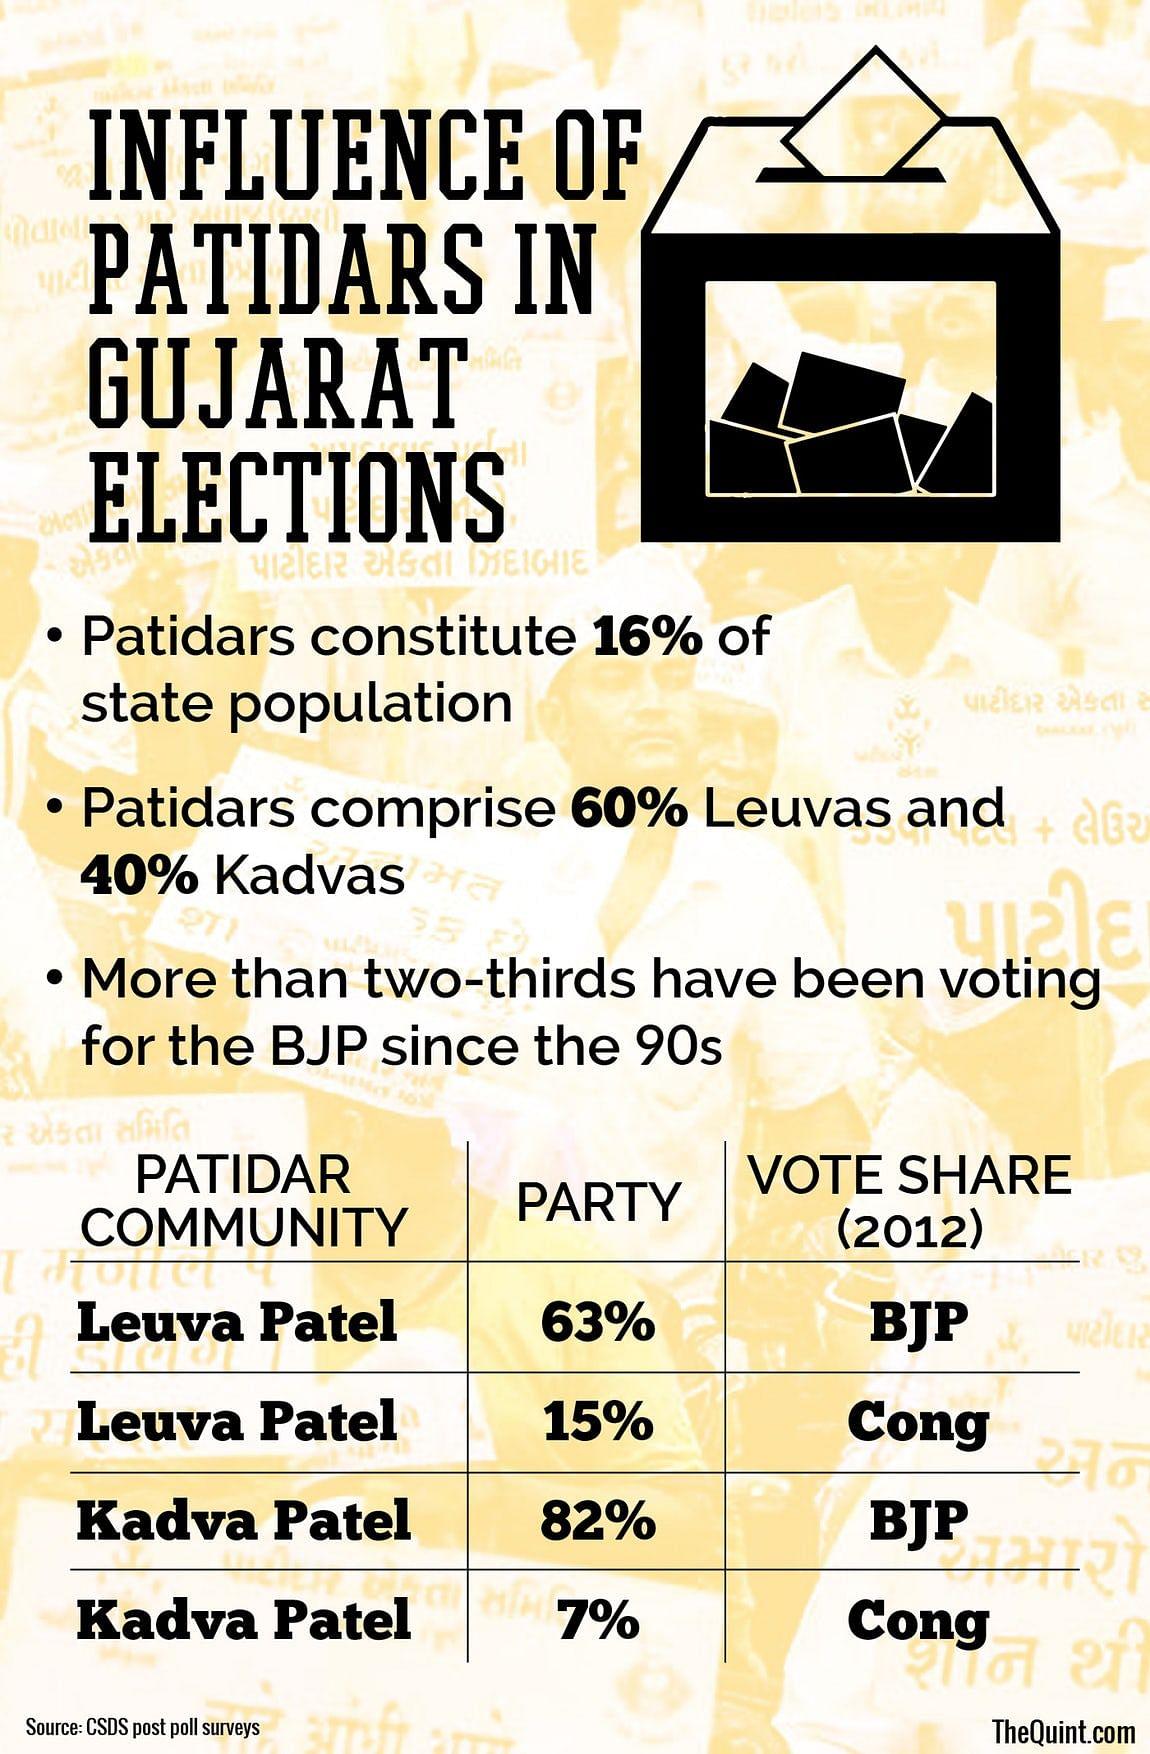 गुजरात चुनाव में पाटीदार समुदाय का असर